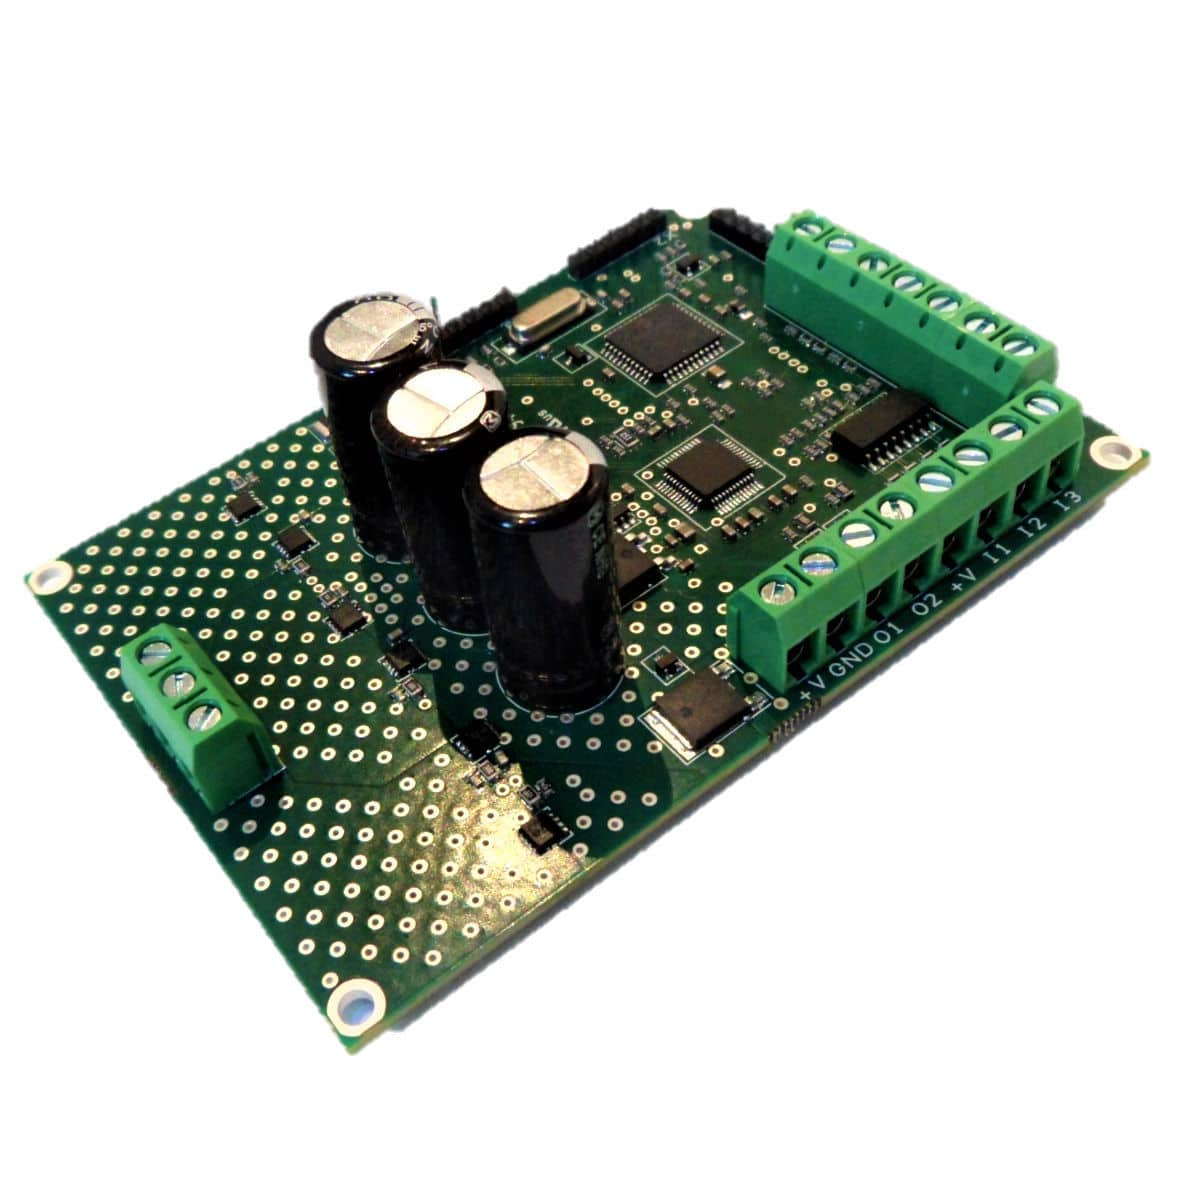 4-quadrant motor controller / DC / brushless / programmable